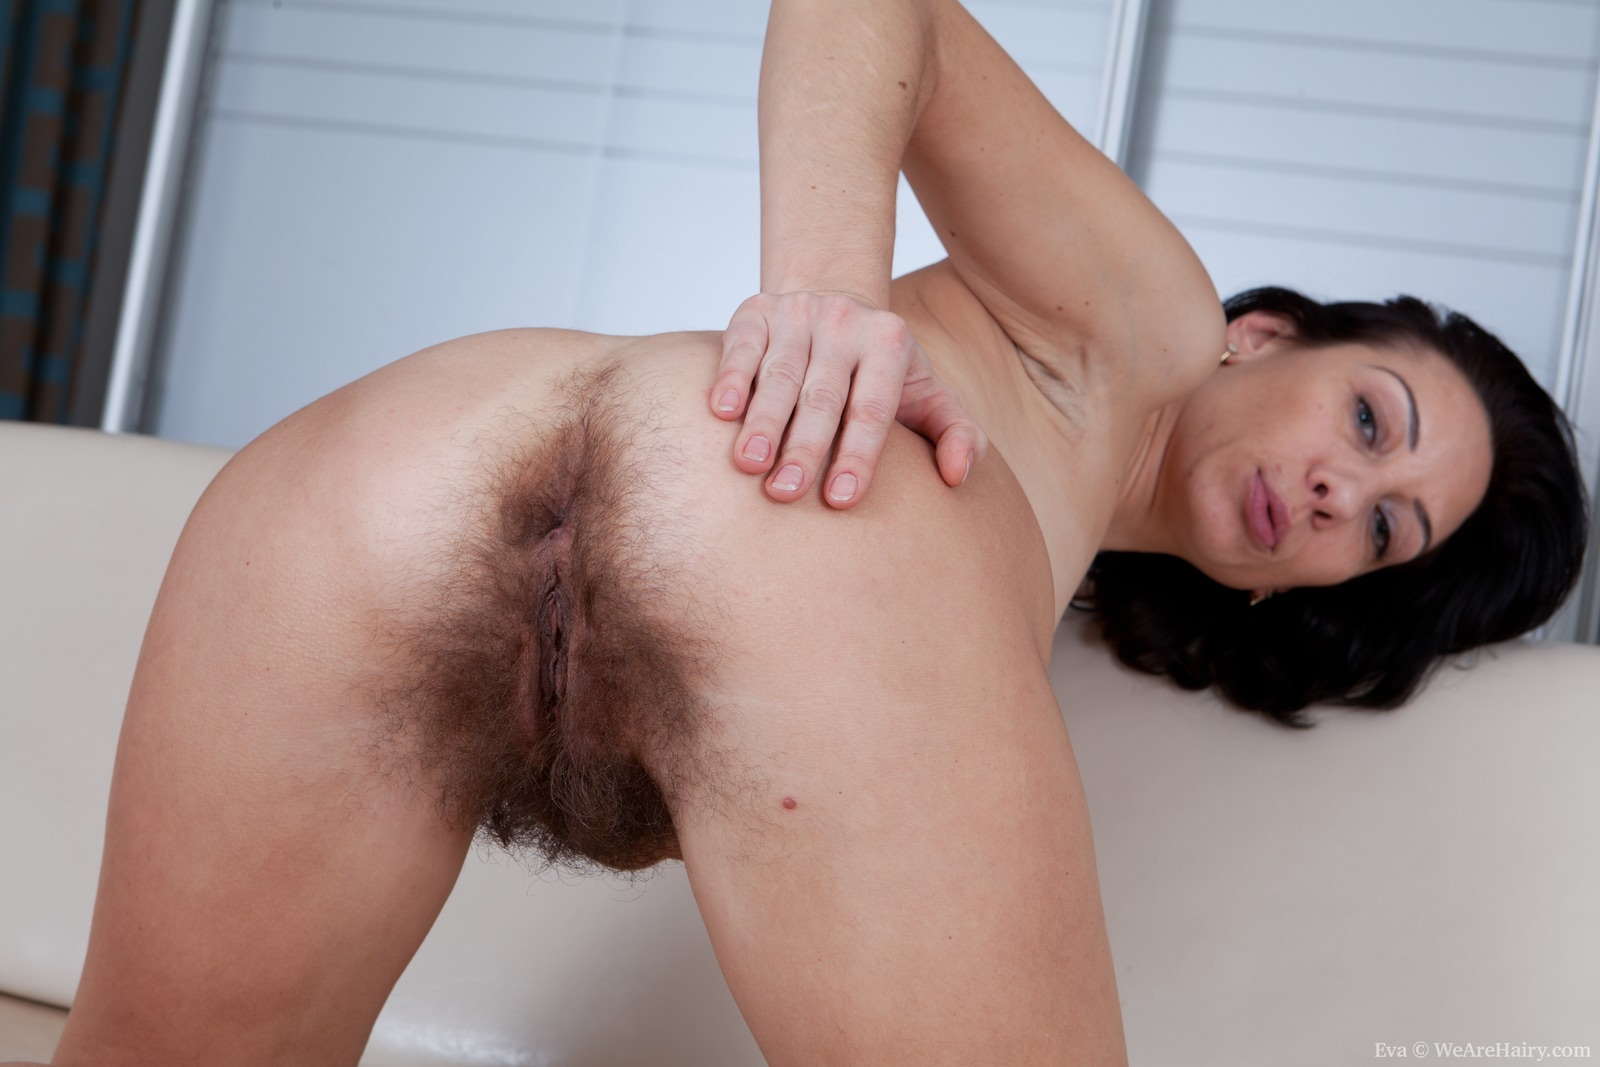 Смотреть порно постаревшиеженщины дают свои волосатые жопы 12 фотография